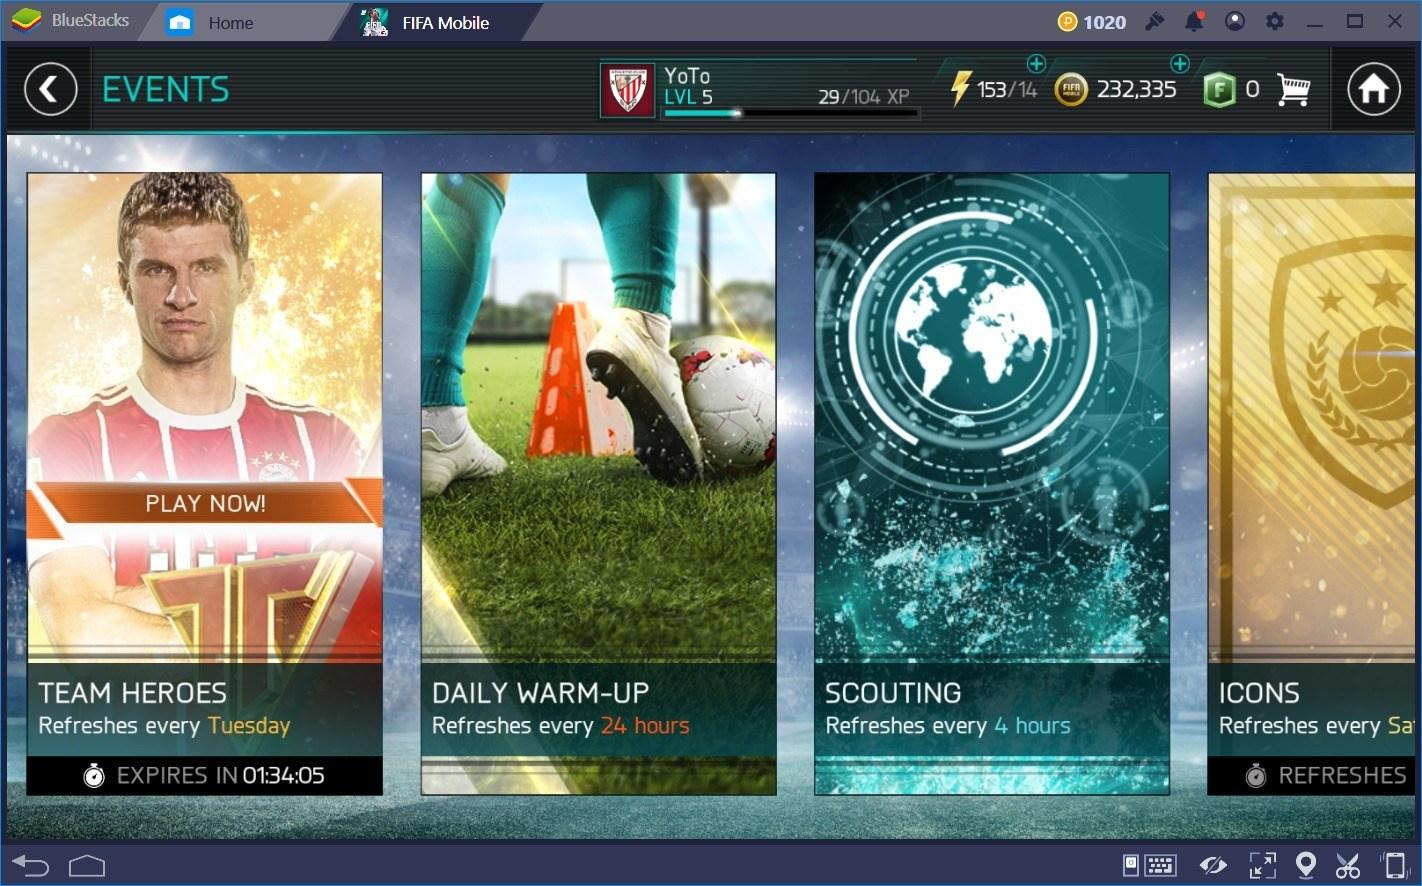 Wie man in FIFA Fußball (FIFA Mobile) schnell Geld macht